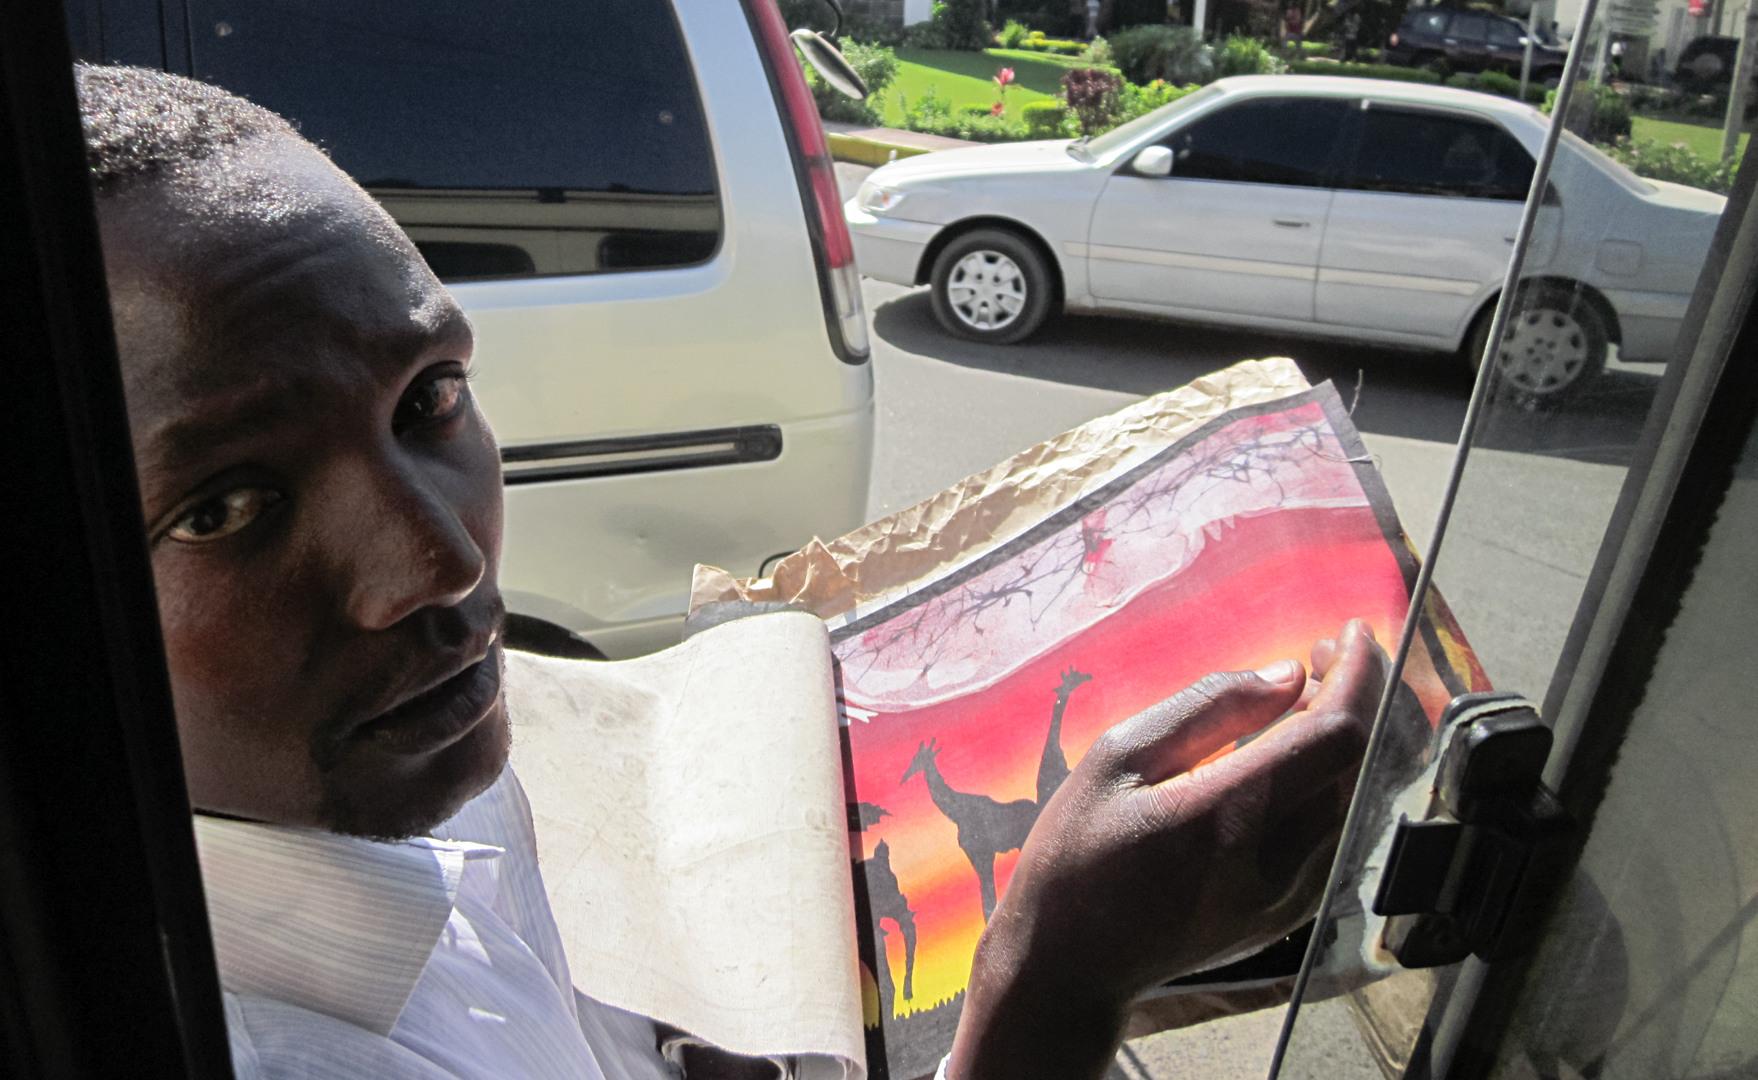 продавец картин, Аруша